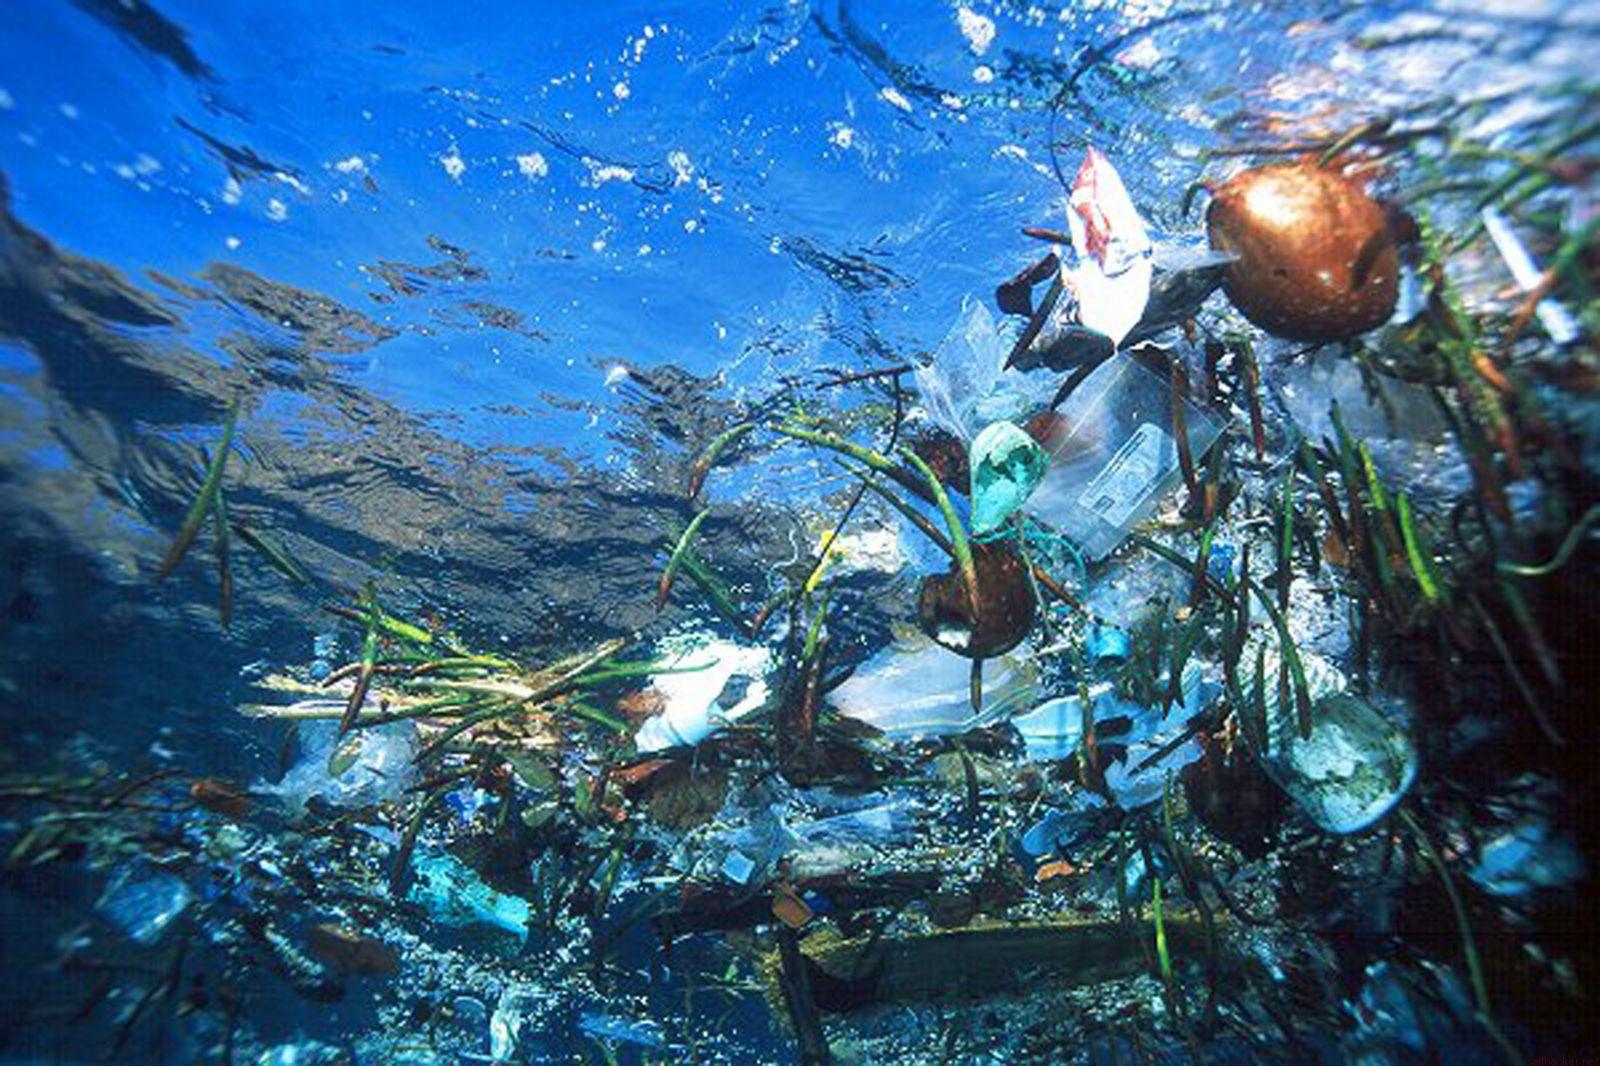 В 2050г пластик вытеснит рыбу изМирового океана— Госдеп США